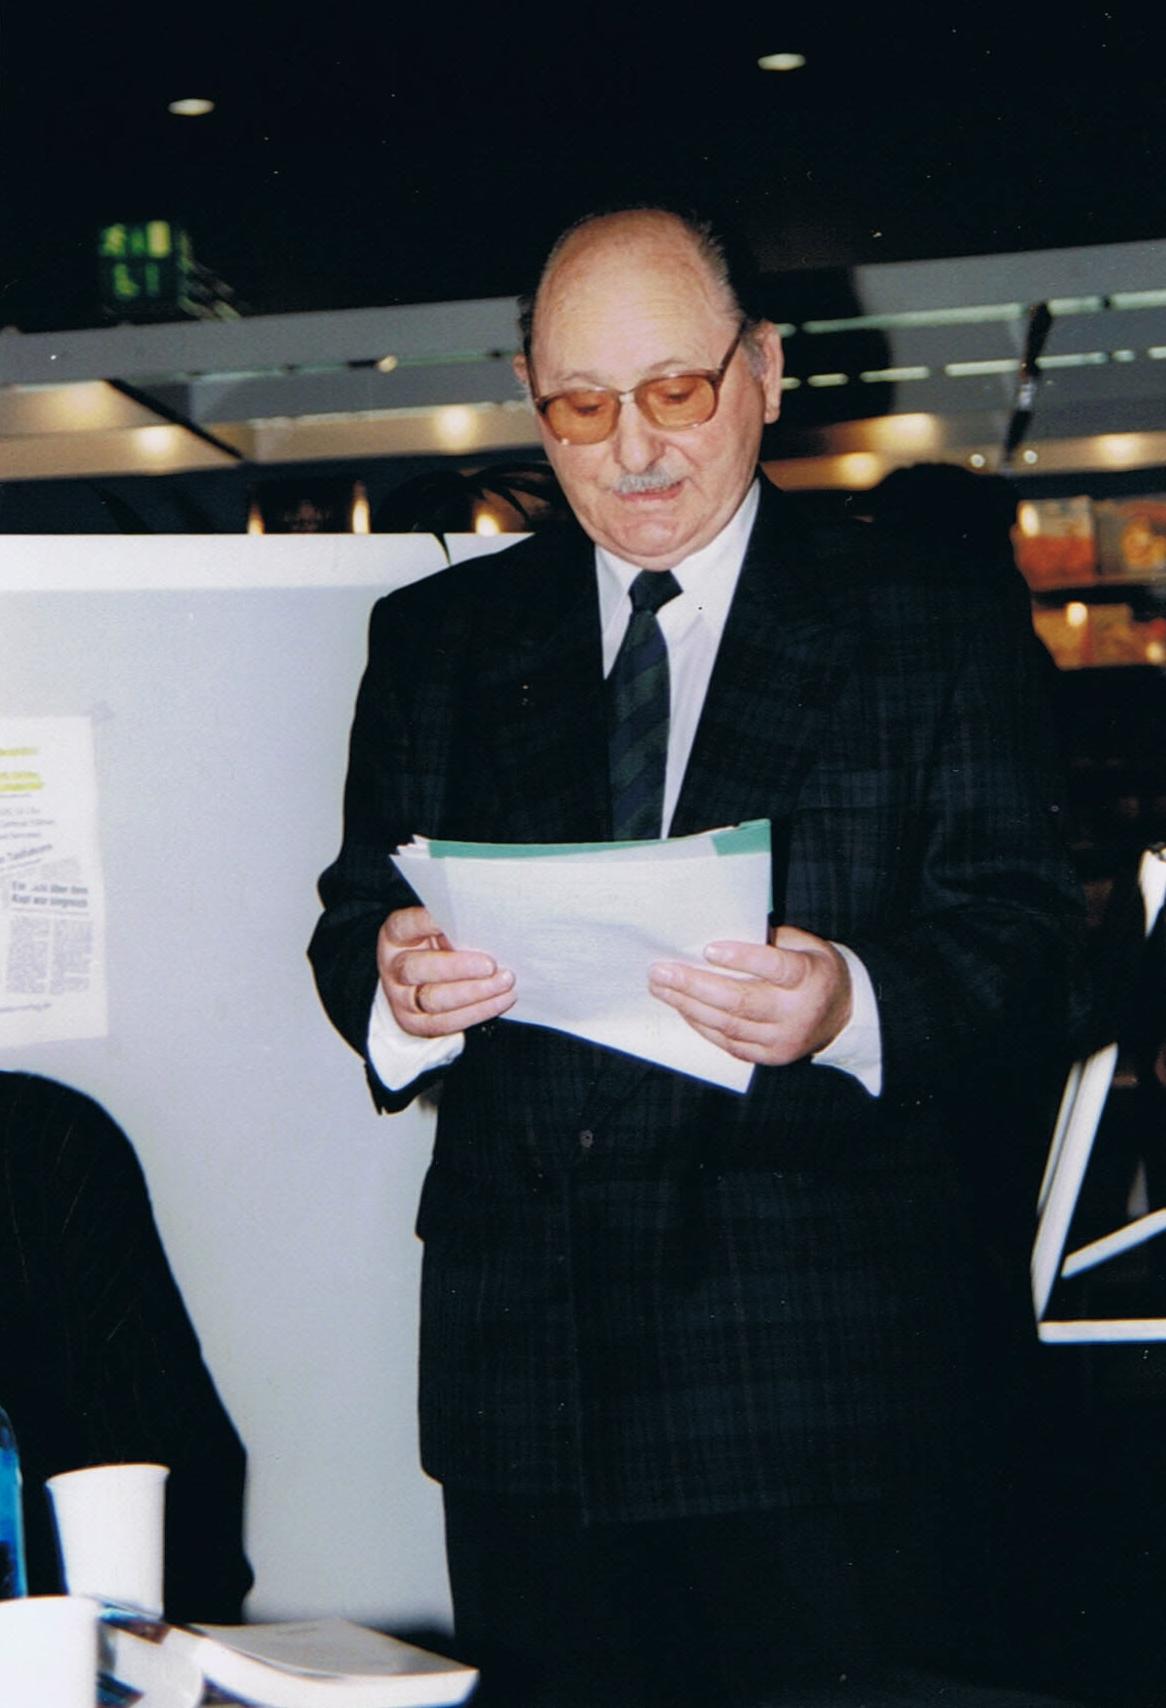 Adolf kutschker wikipedia for Dekorateur ausbildung